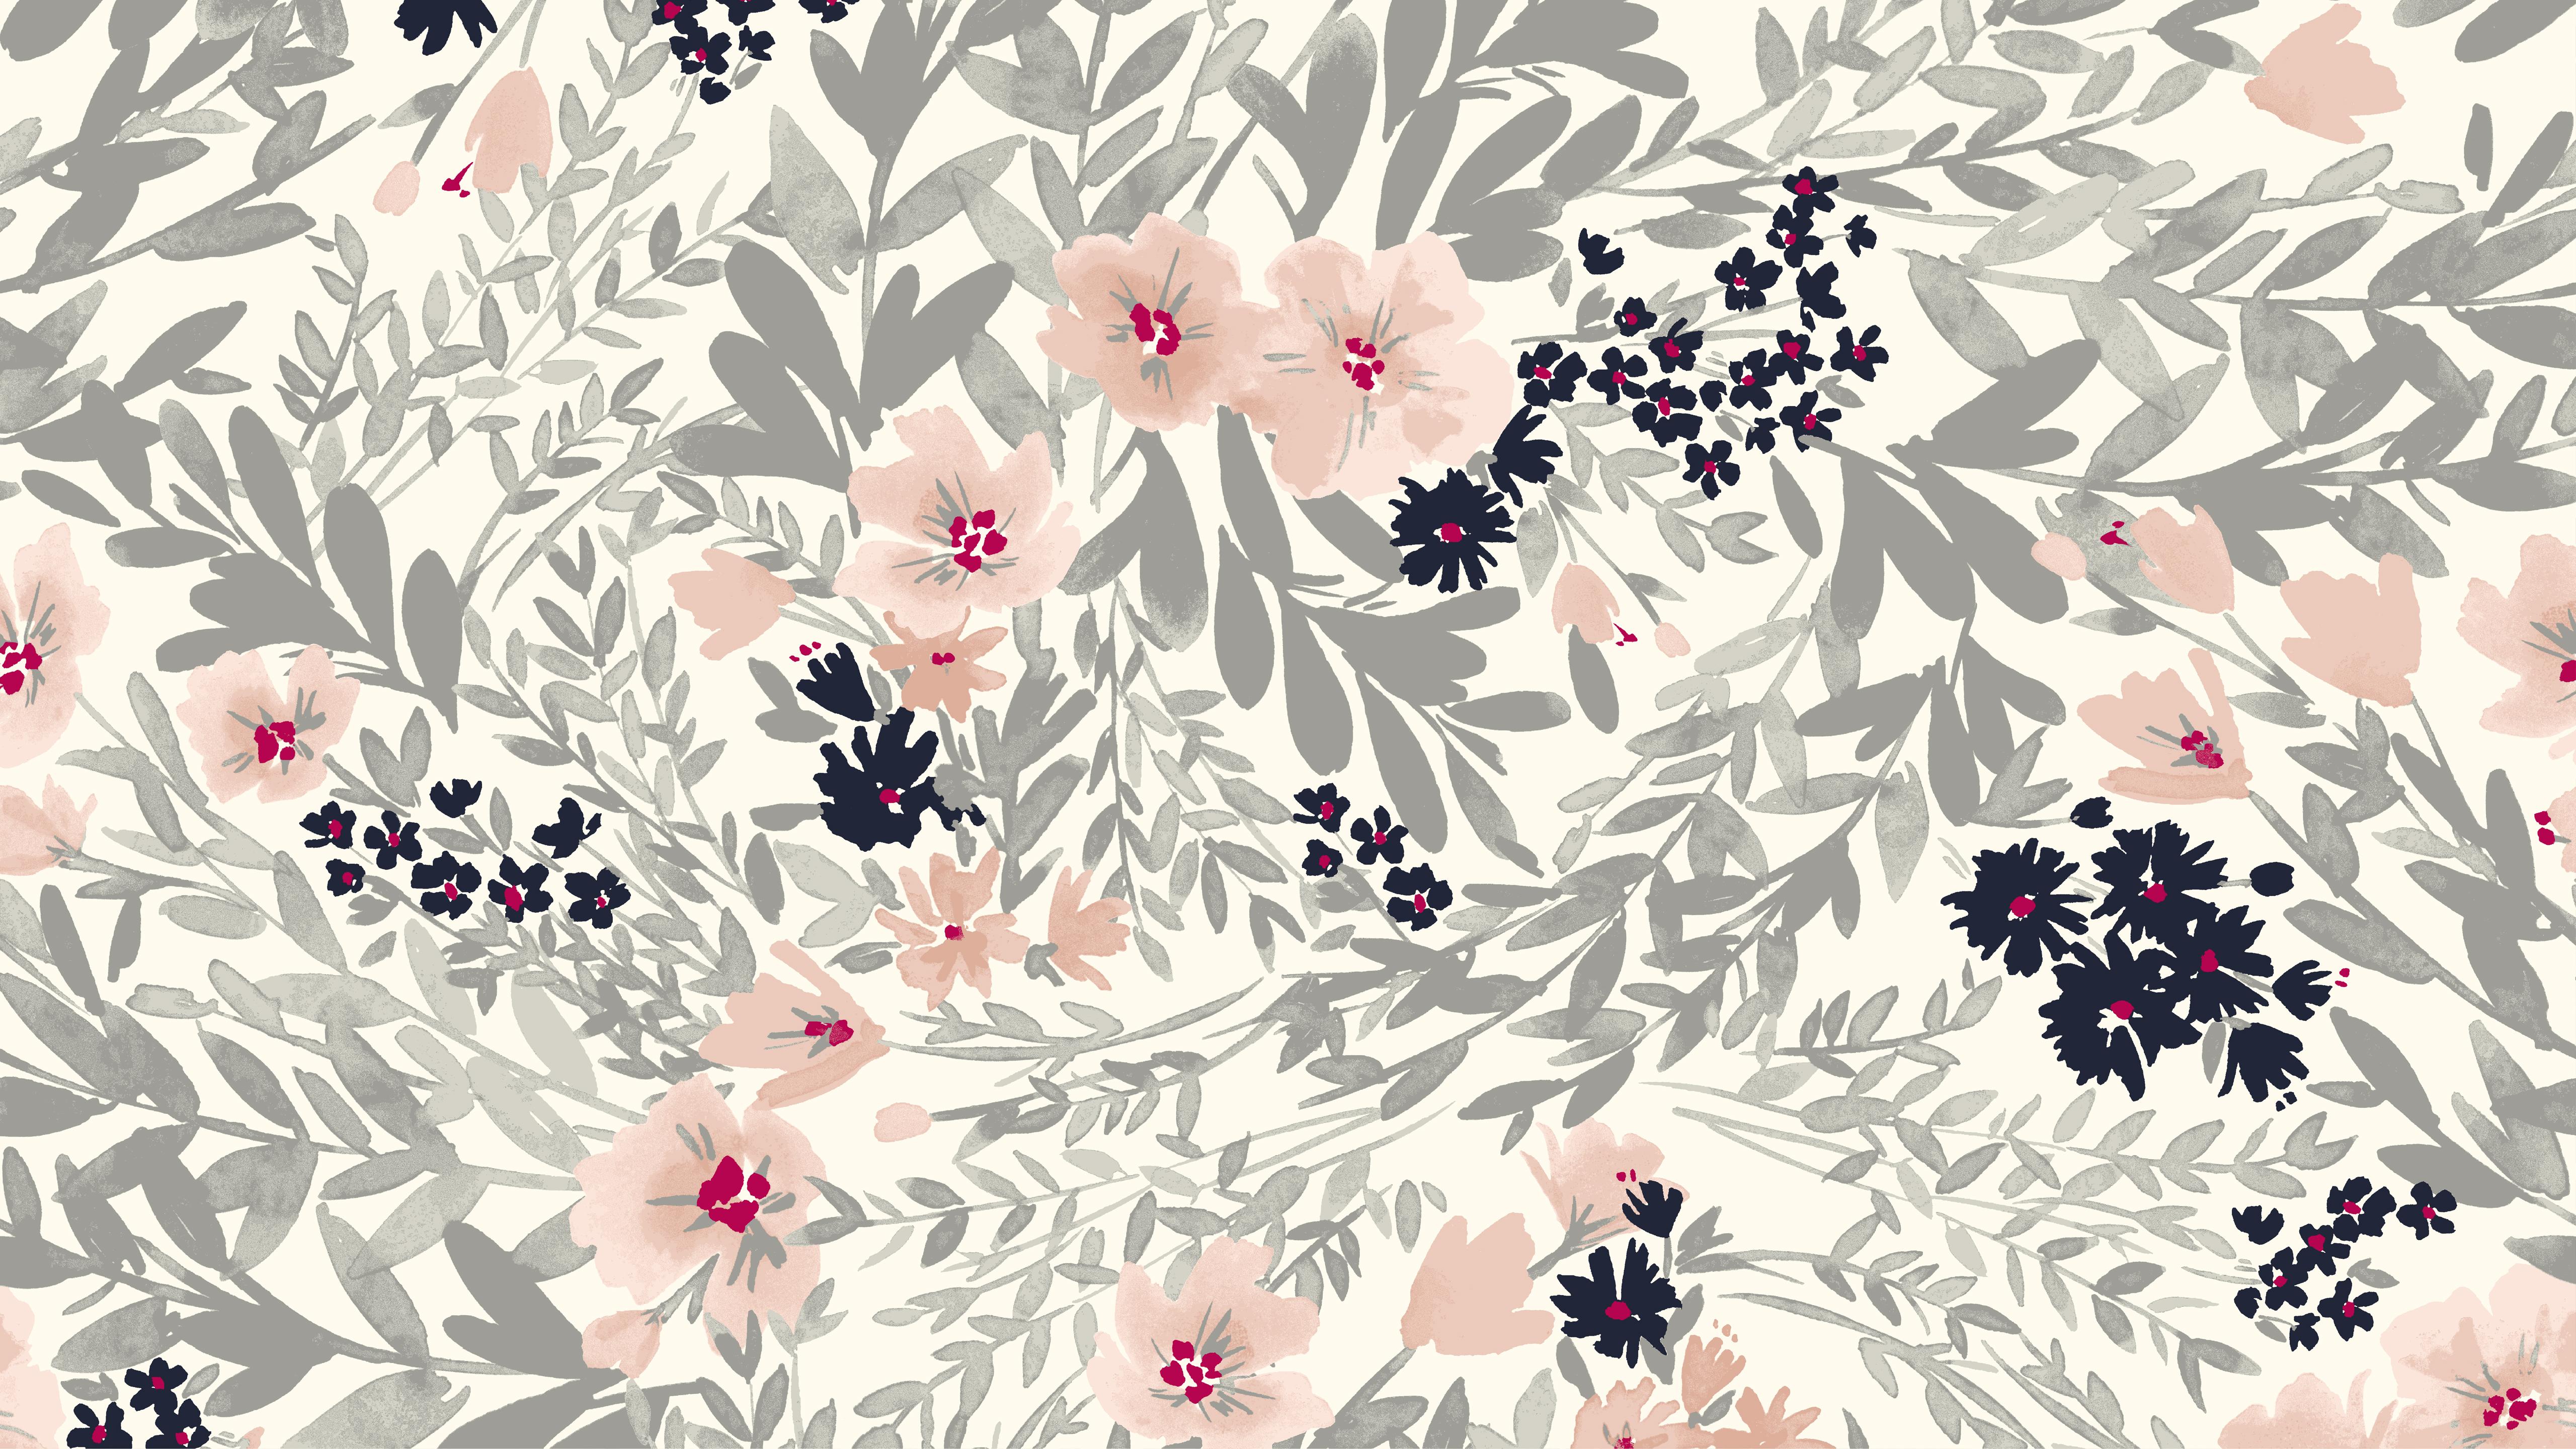 Flower Background   Desktop Backgrounds Floral 930707   HD 5120x2880